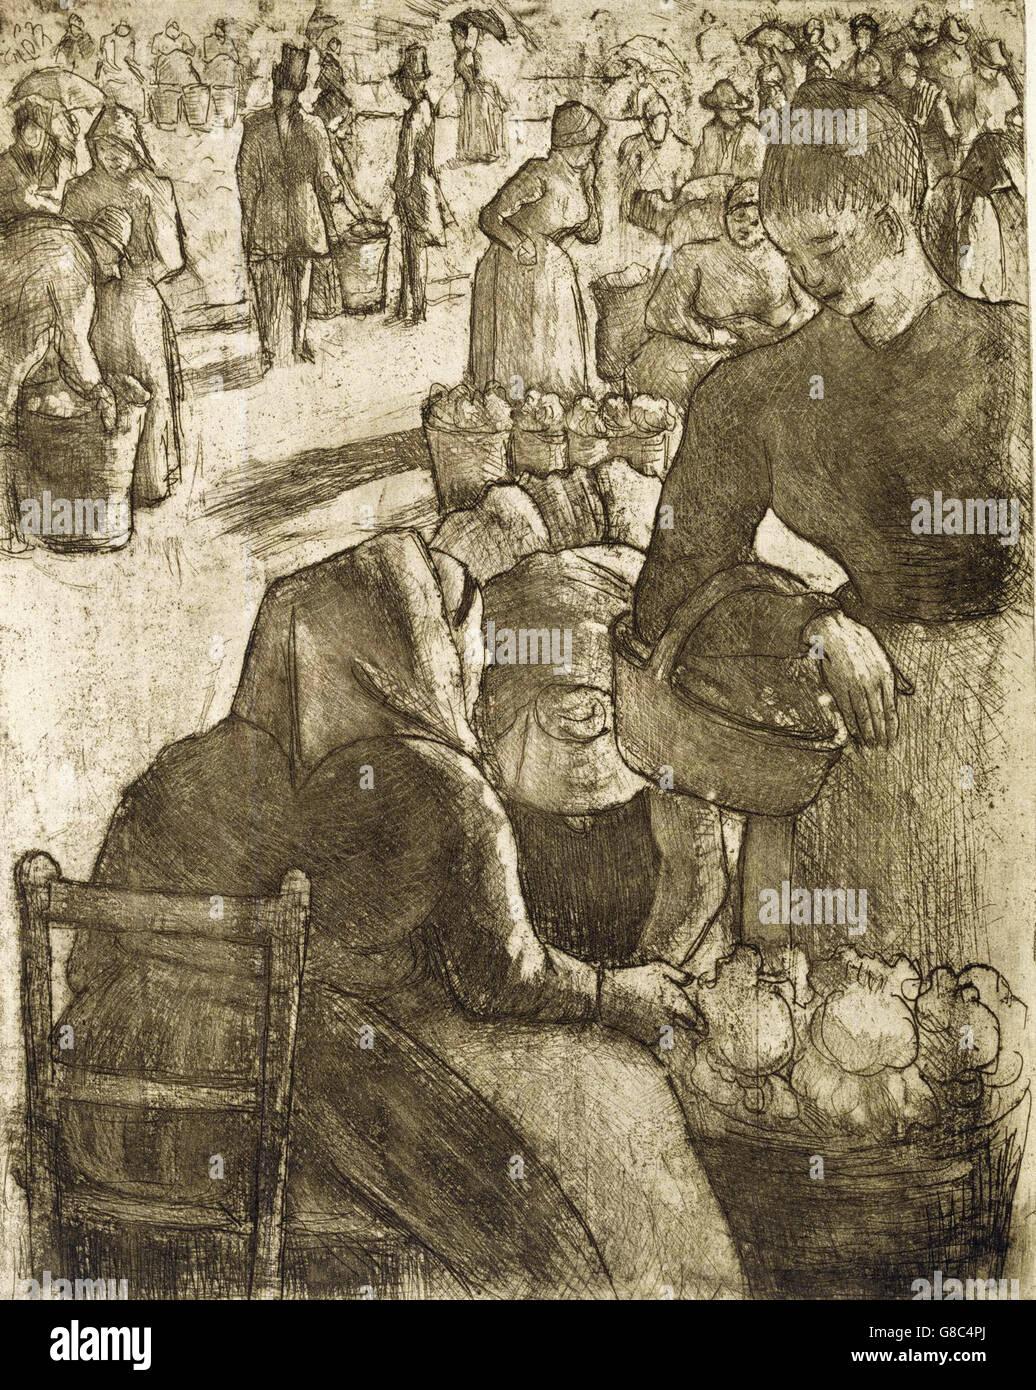 Camille Pissarro - Marché aux Légumes à Pontoise - Stock Image